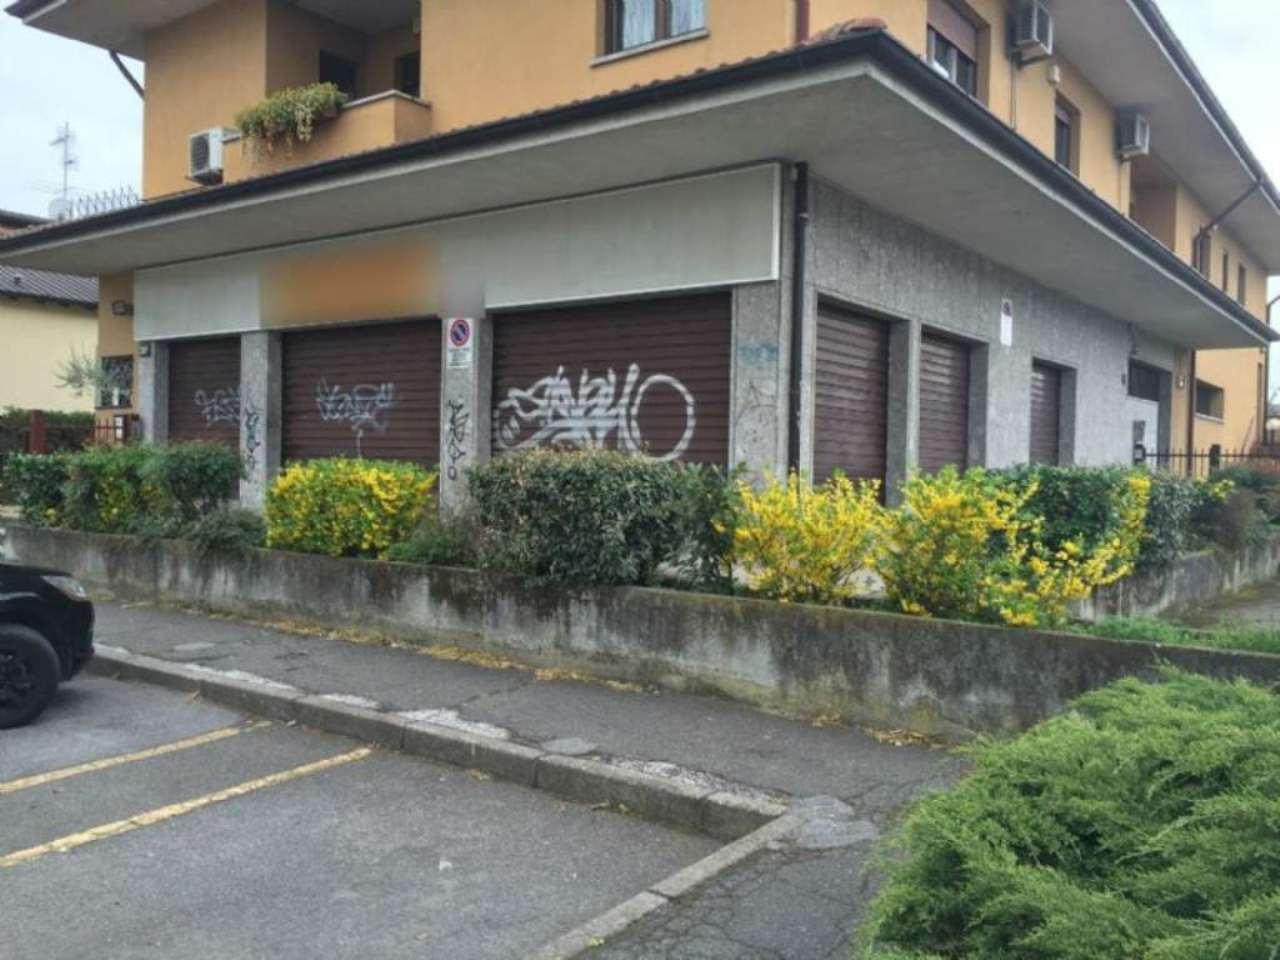 Negozio / Locale in affitto a Pioltello, 9999 locali, prezzo € 1.825 | Cambio Casa.it